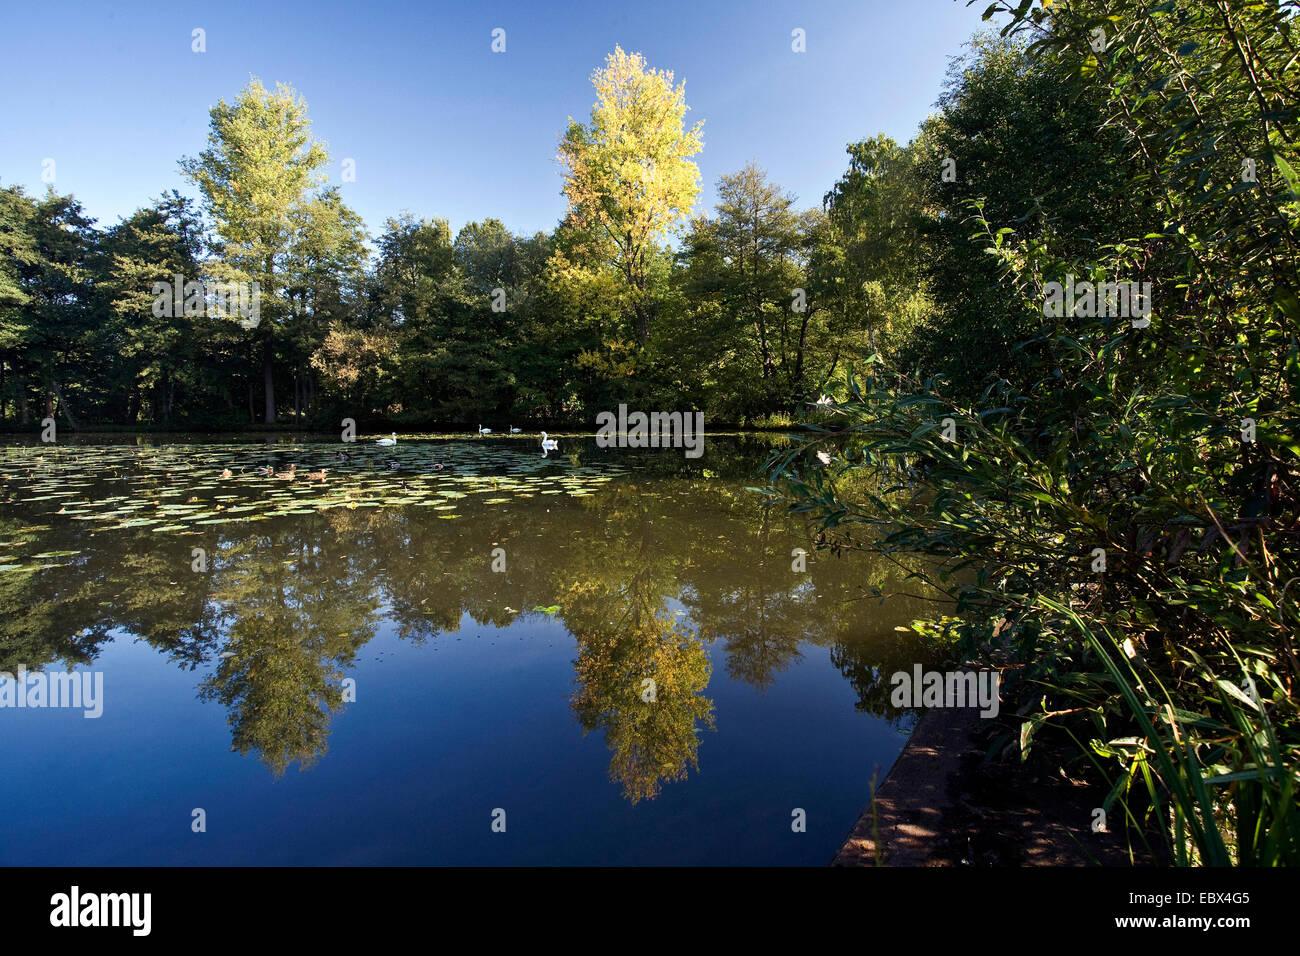 pond Muehlenteich in Schermbeck, Germany, North Rhine-Westphalia, Ruhr Area, Schermbeck - Stock Image